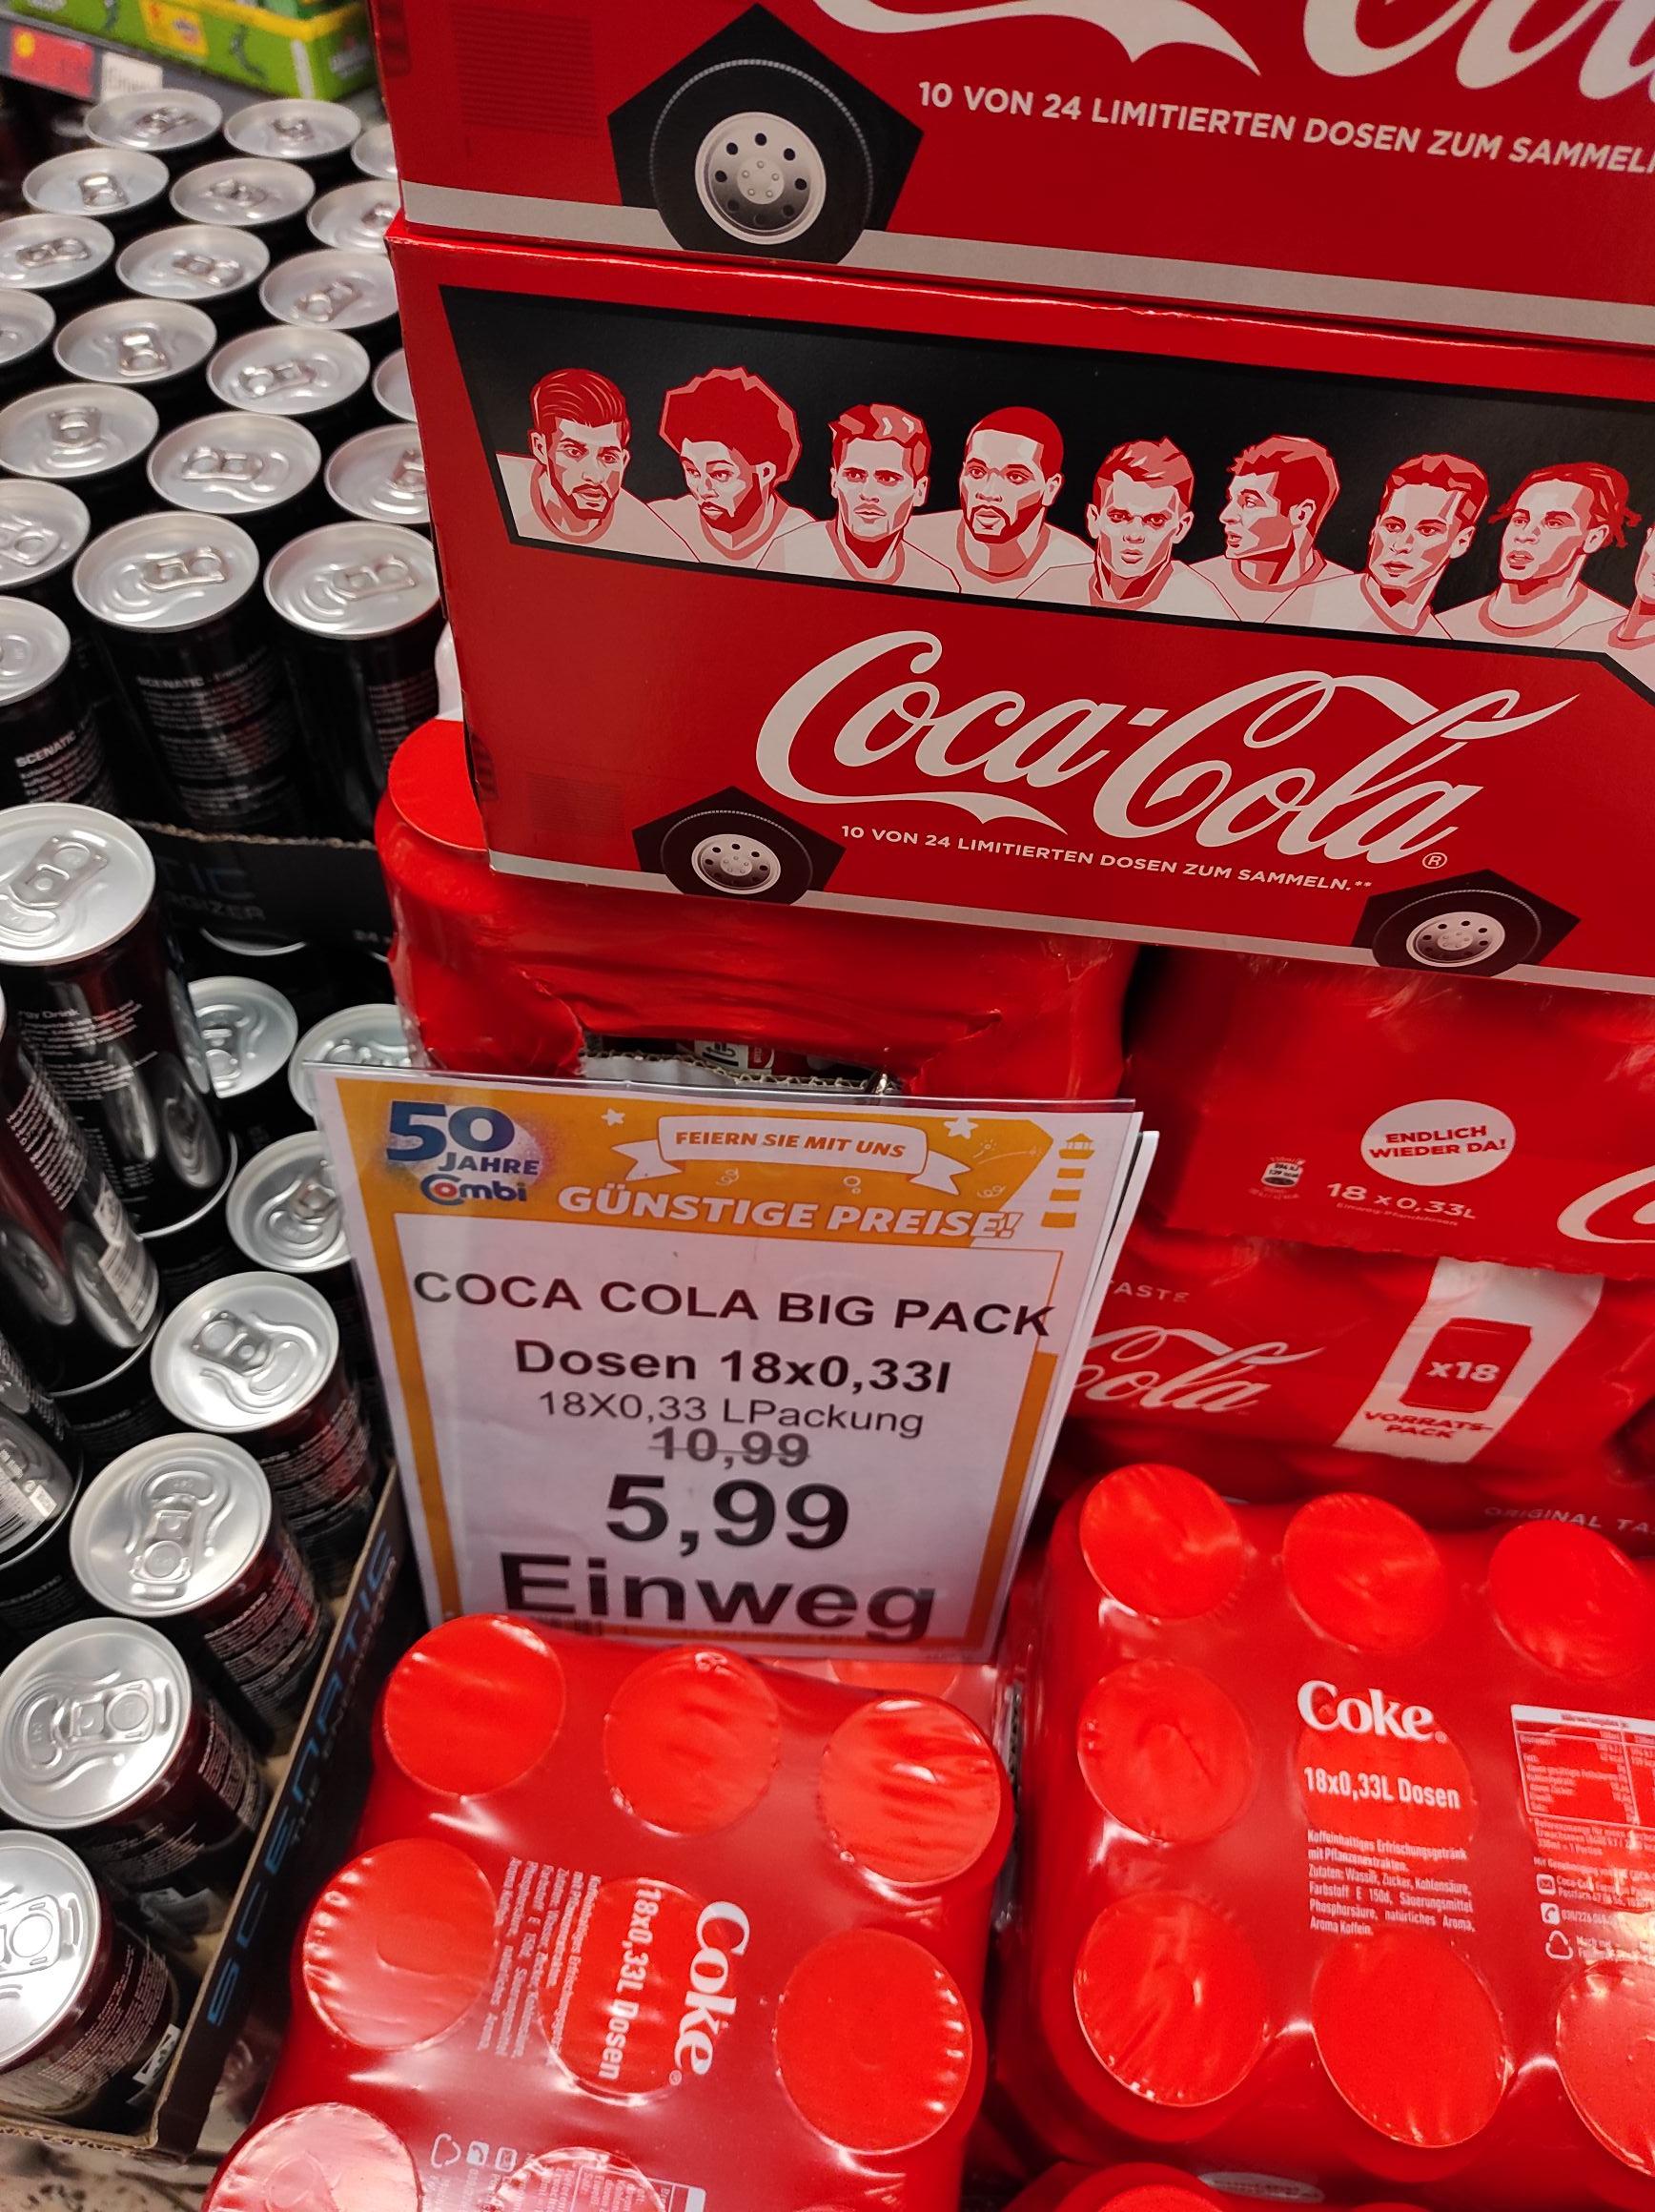 Coca Cola, 18* 0,33 Dosen (mglw. lokal)